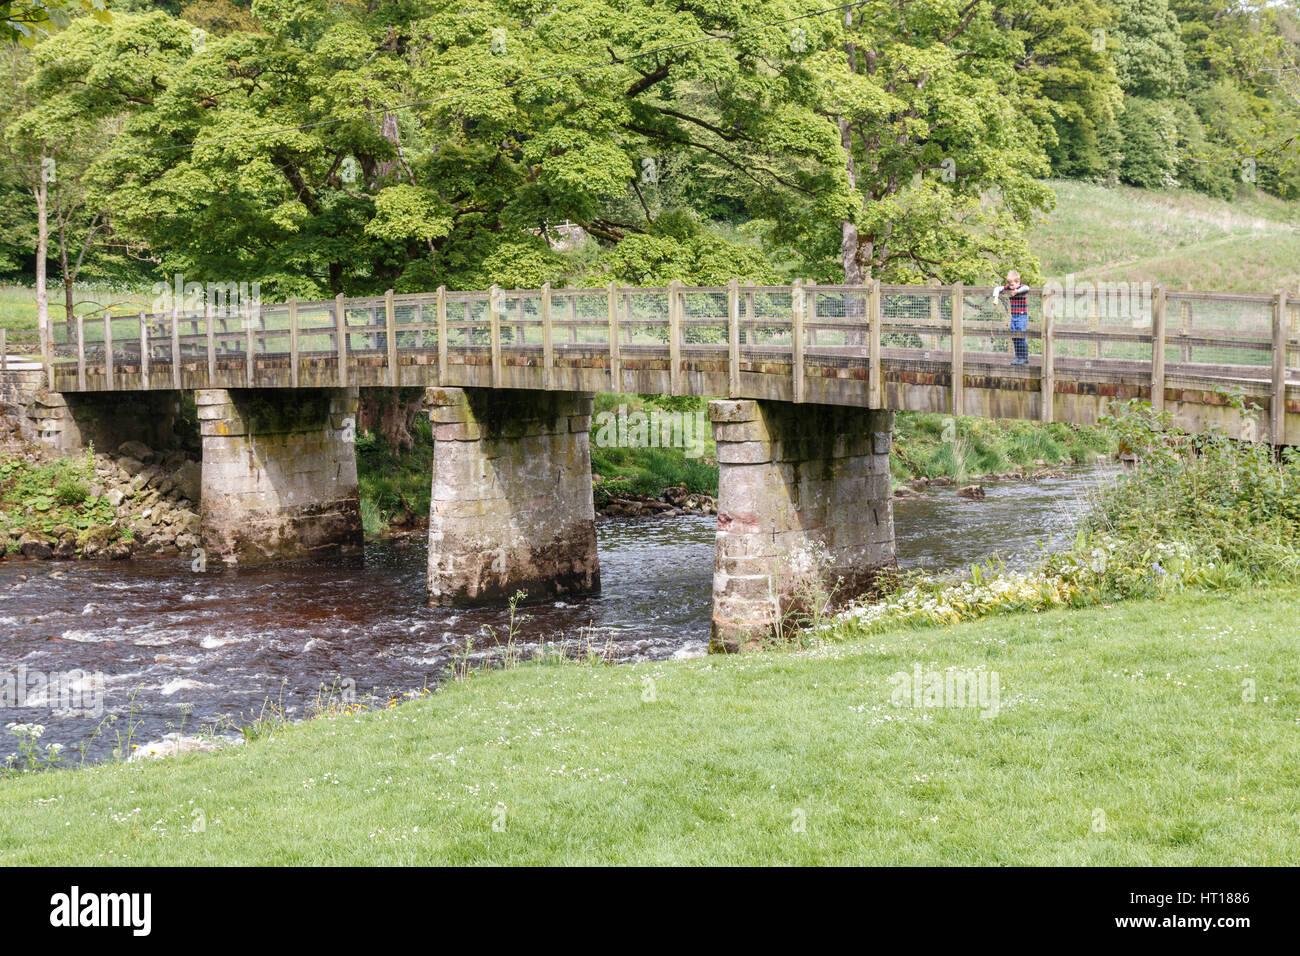 Stein-Fußgängerbrücke über der Flusses Wharfe in Bolton Abbey in den Yorkshire Dales. Die Brücke ist mit lokalem Stockfoto